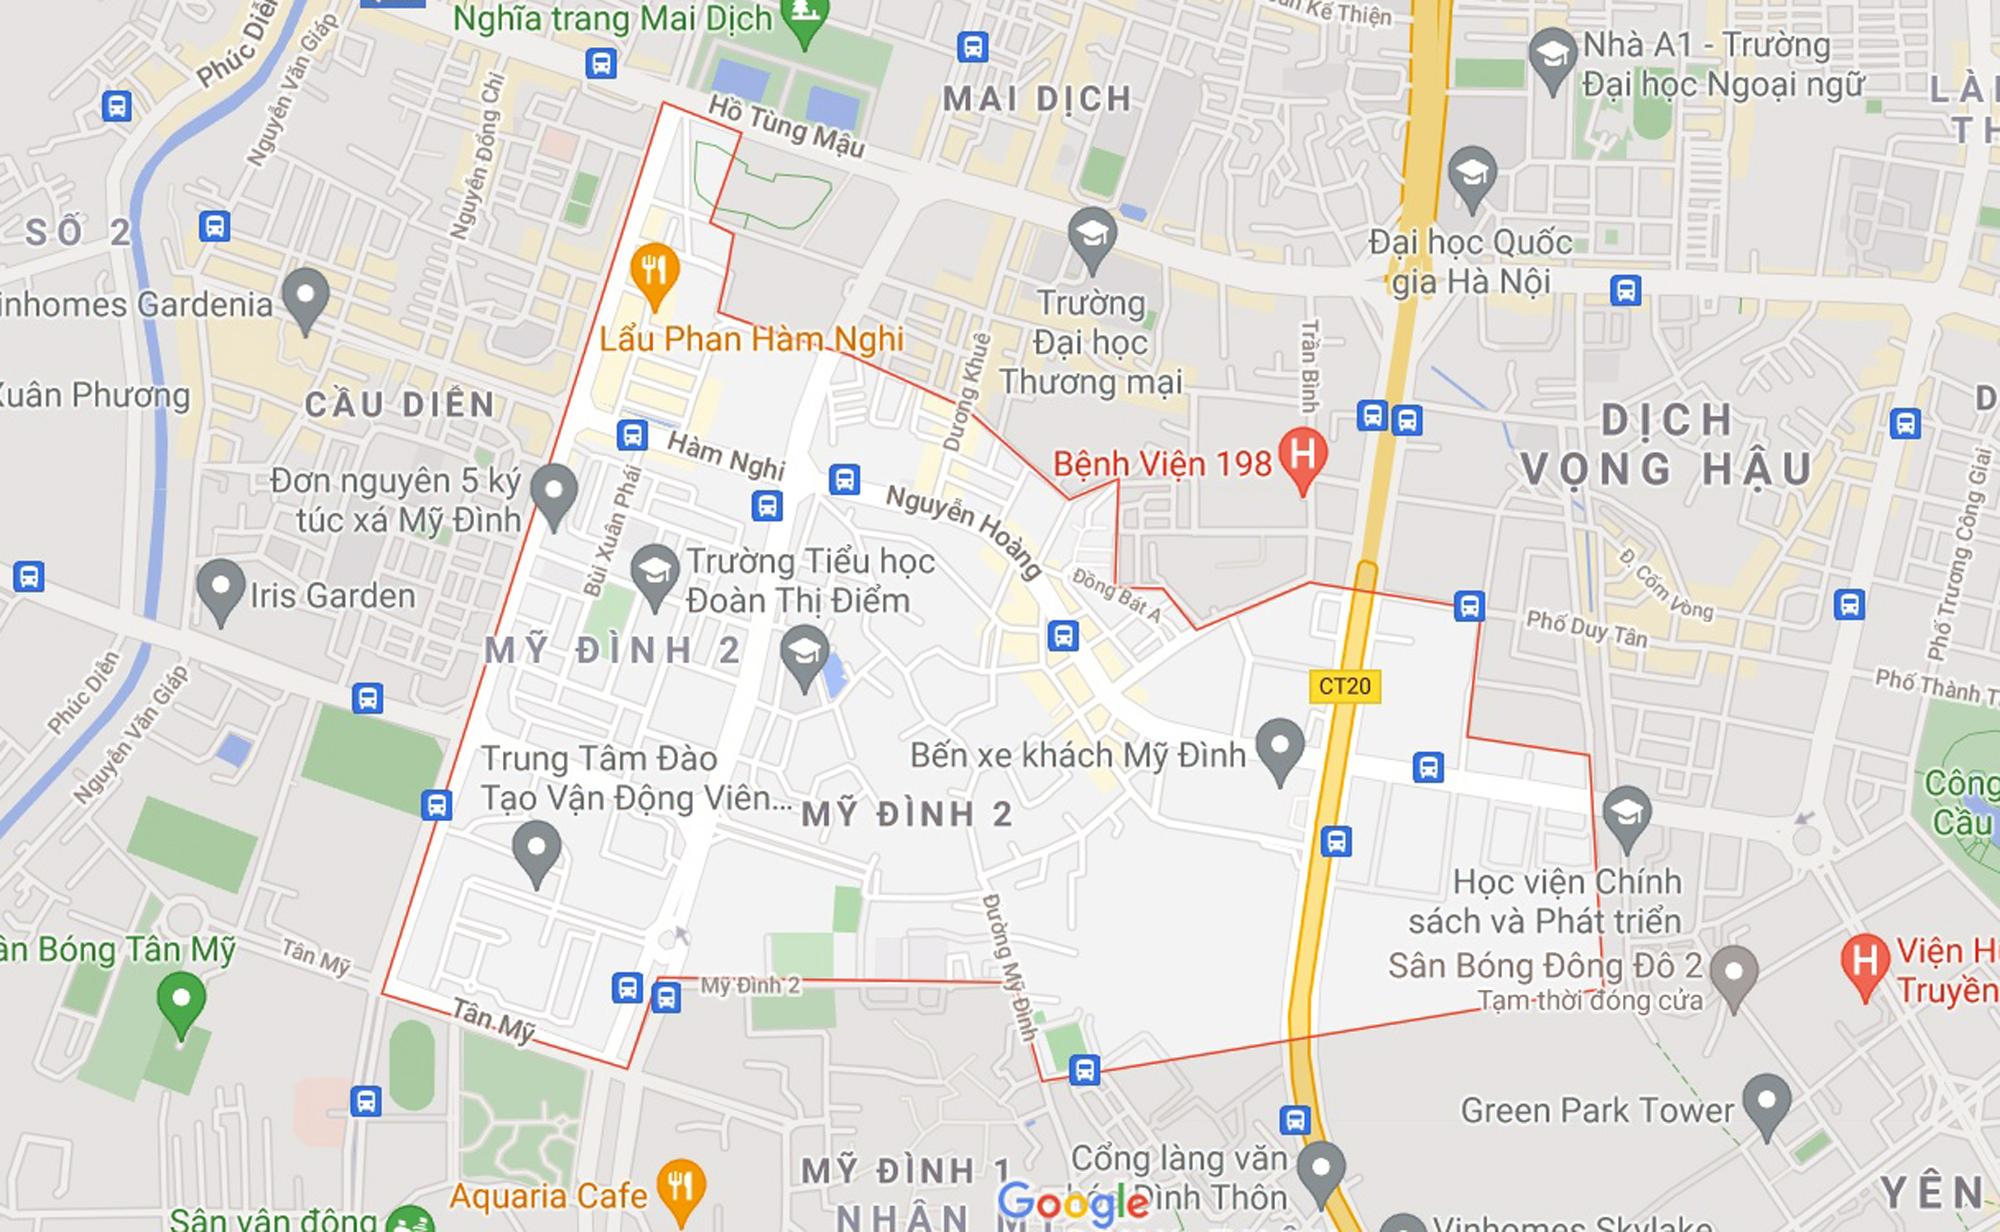 Những khu đất sắp thu hồi để mở đường ở phường Mỹ Đình 2, Nam Từ Liêm, Hà Nội - Ảnh 1.